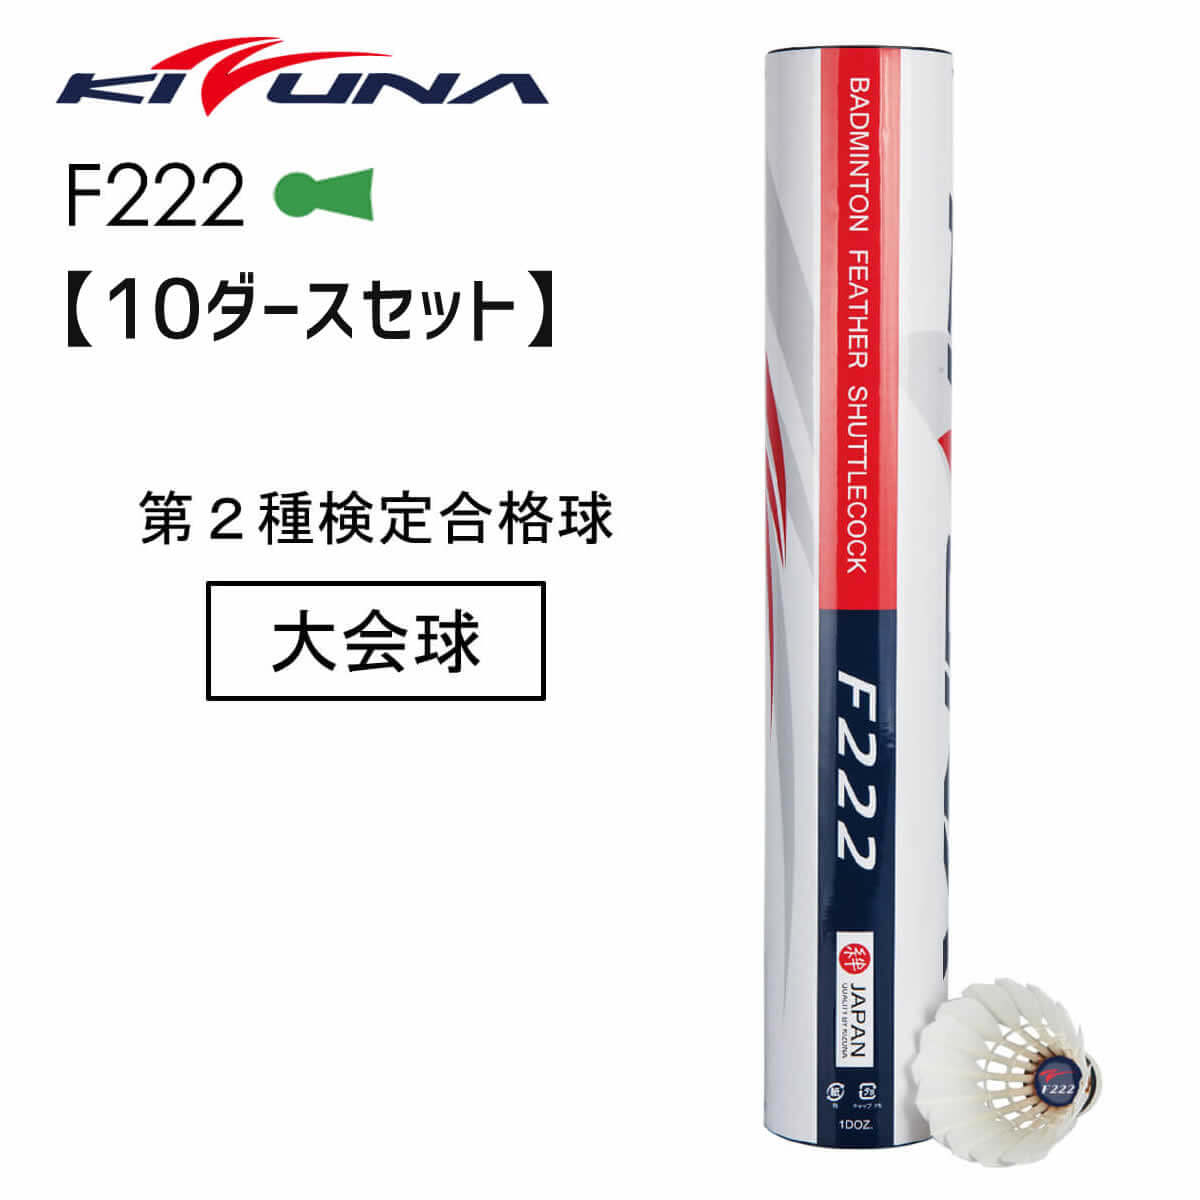 【10ダースセット】KIZUNA F222 第二種検定球 バドミントンシャトル キズナ【取り寄せ】